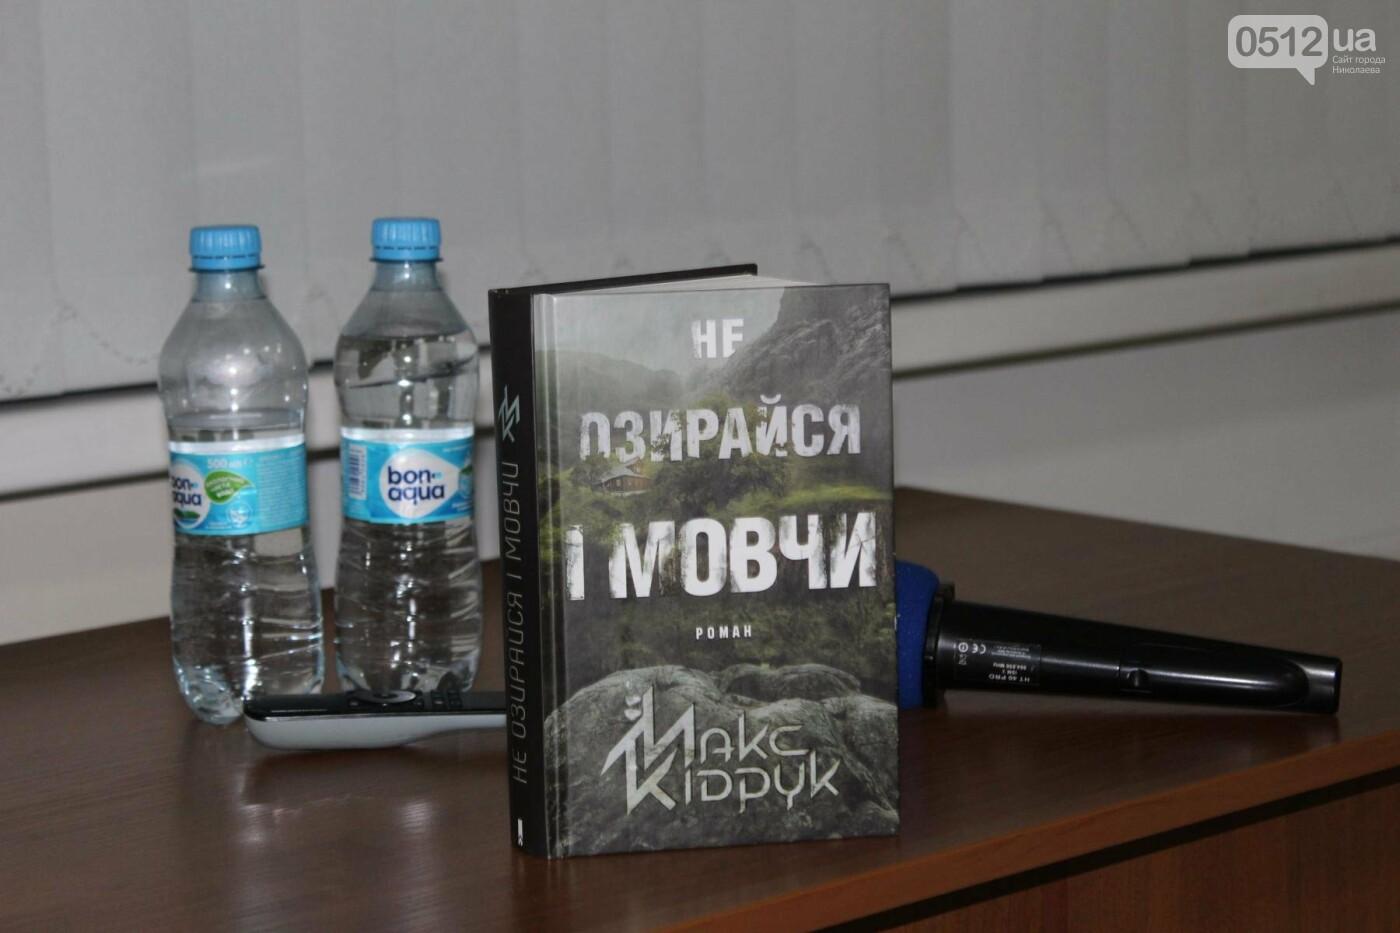 """Современный писатель Макс Кидрук в Николаеве вызвал ажиотаж презентацией мистического романа """"Не озирайся і мовчи"""", фото-2"""